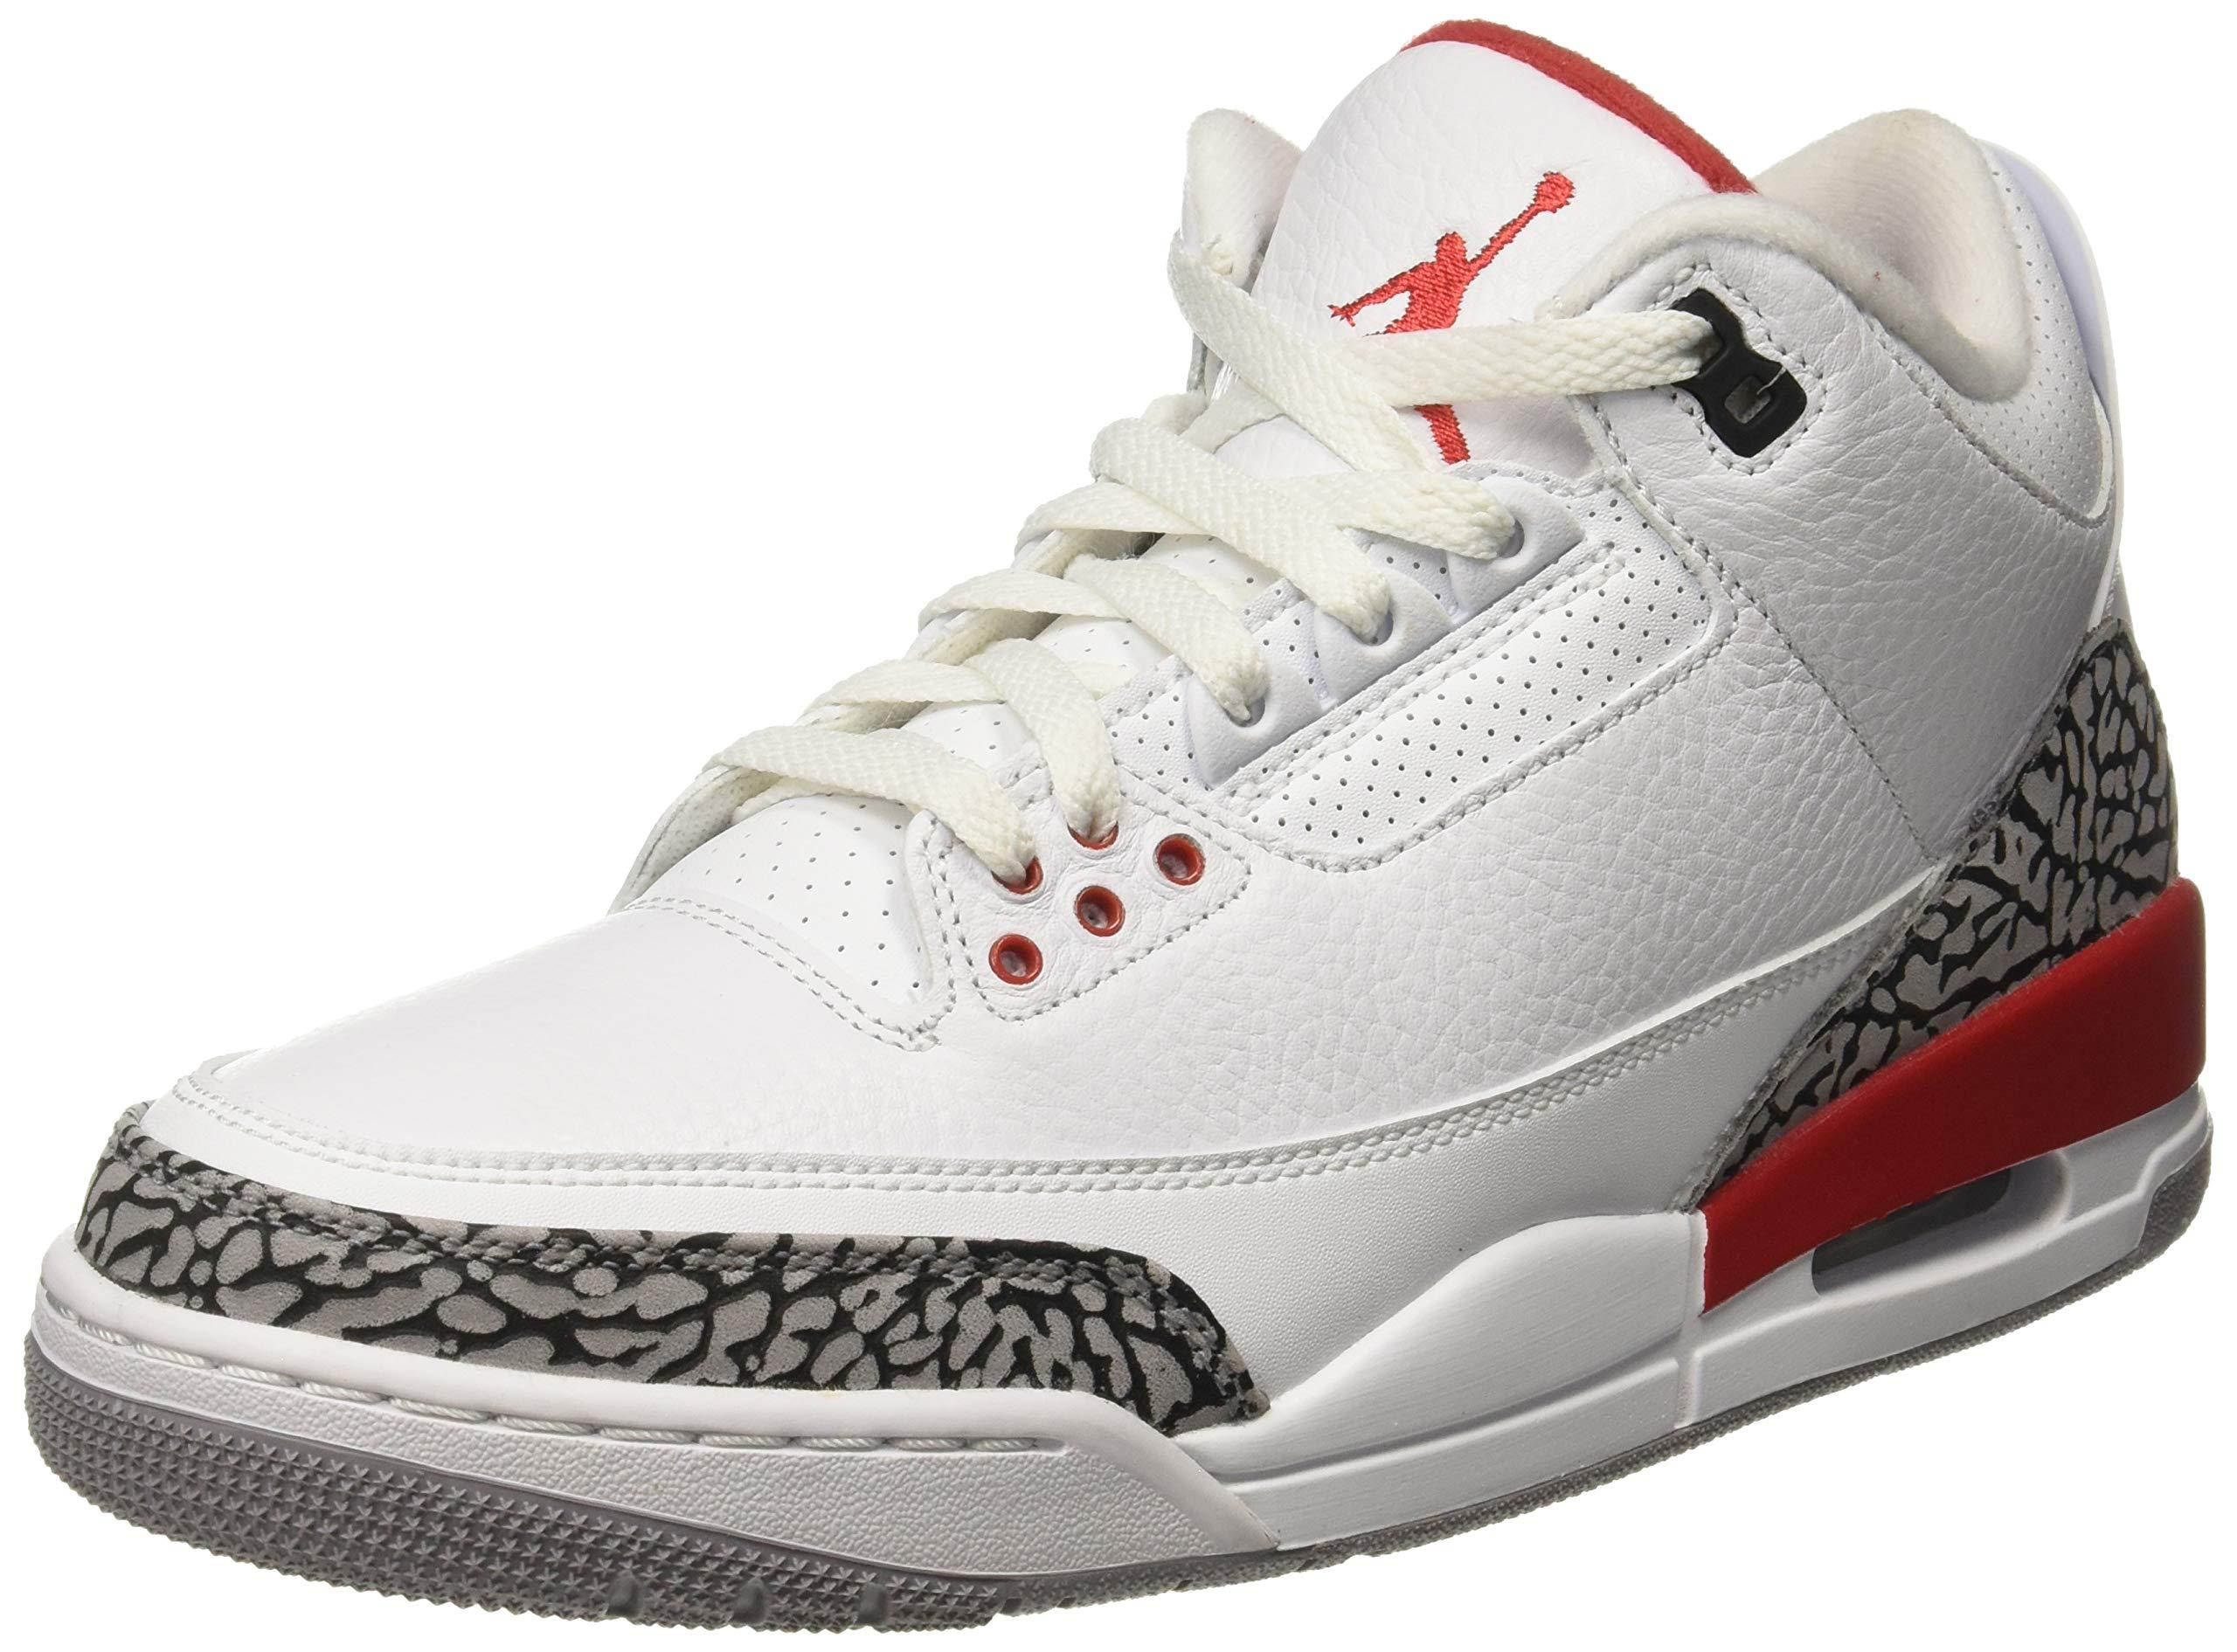 new product fb8e1 c7ac5 Nike Jordan Retro 3